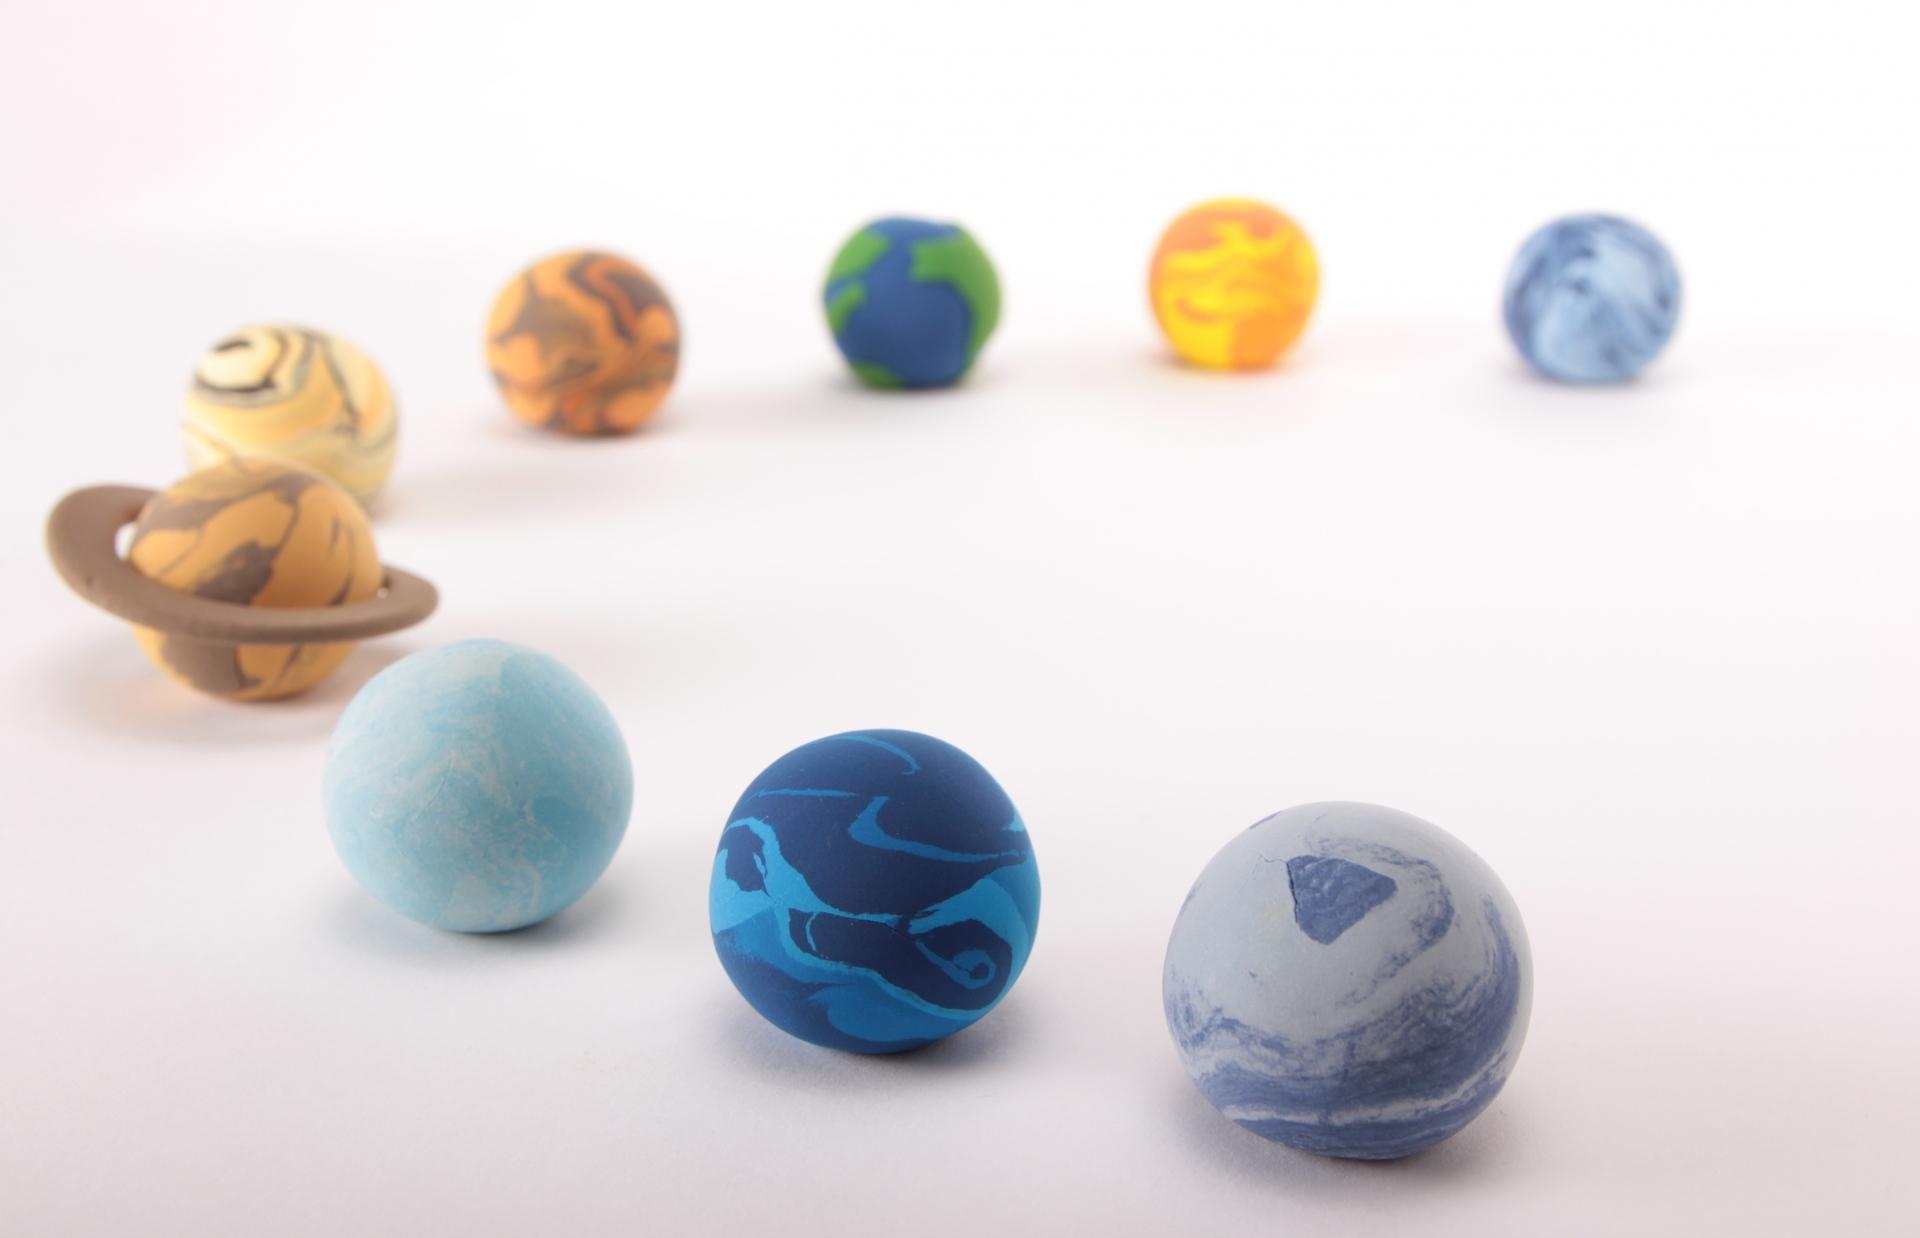 「惑星 」を英語で何と言う?太陽系の惑星の英語名と読み方。